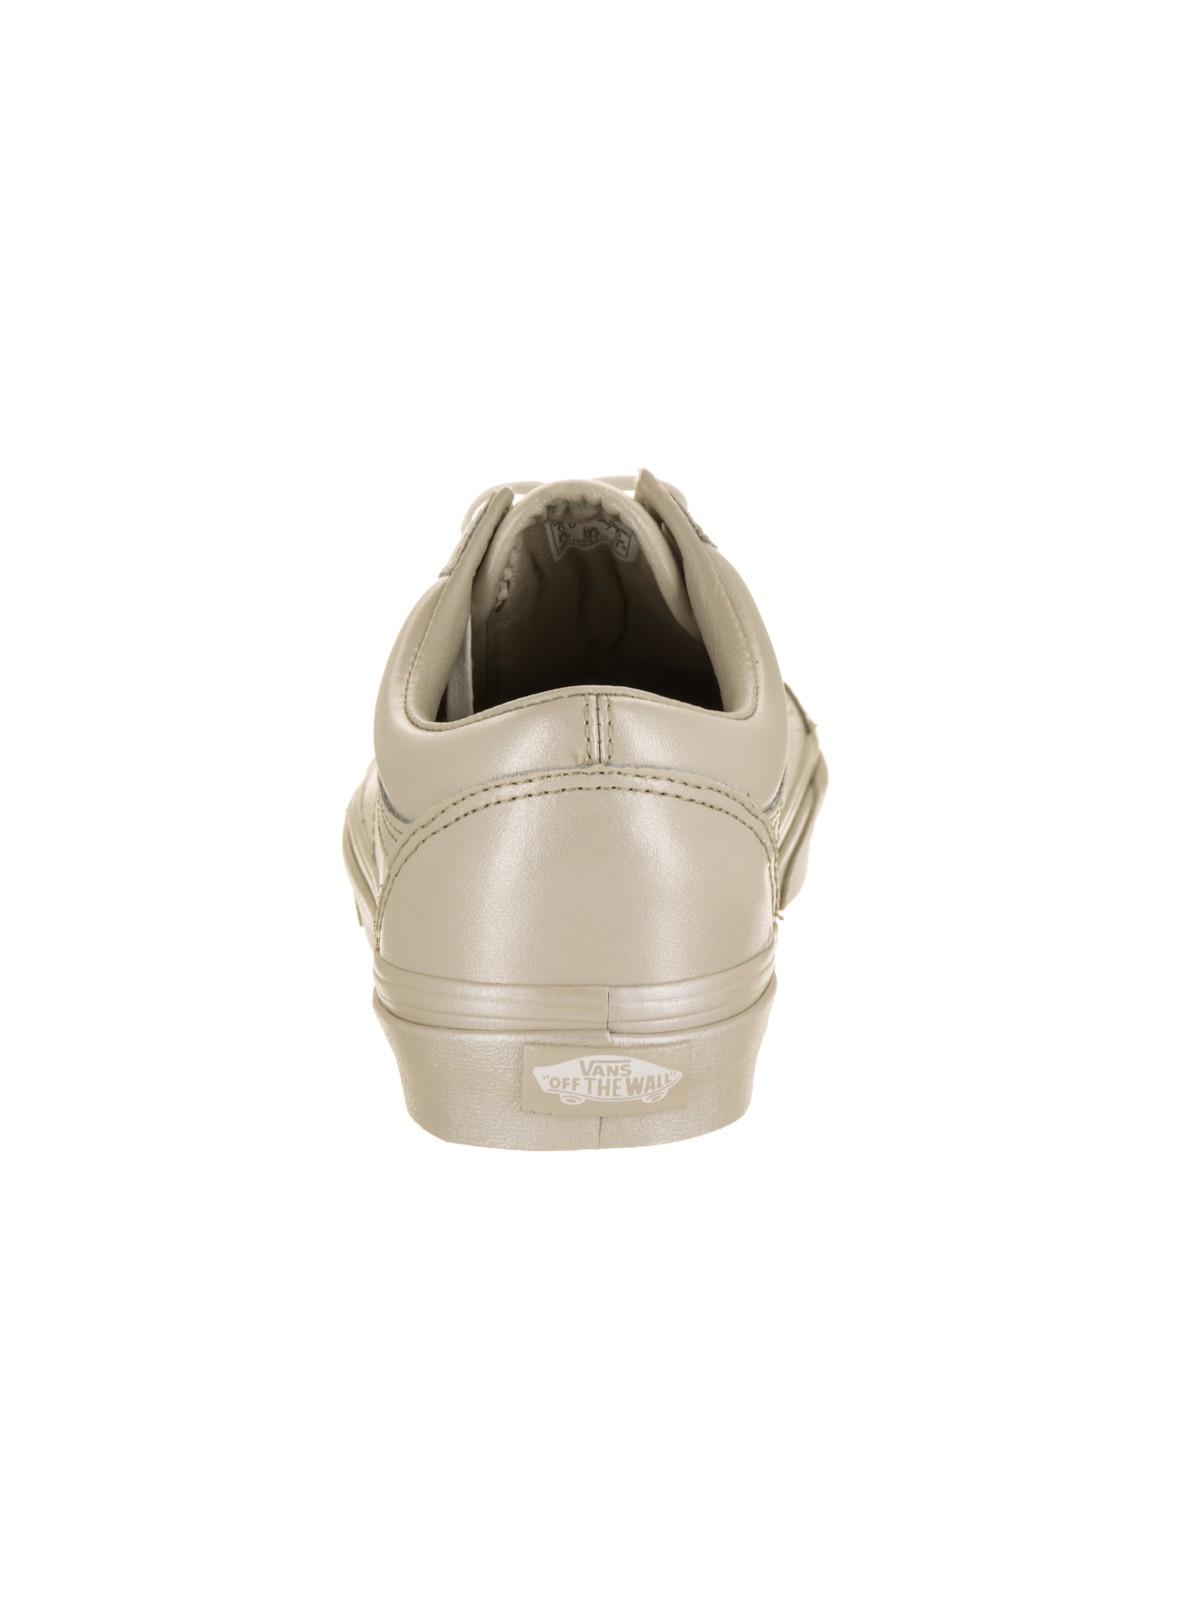 Vans Unisex Old Skool (Metallic Sidewall) Skate Shoe